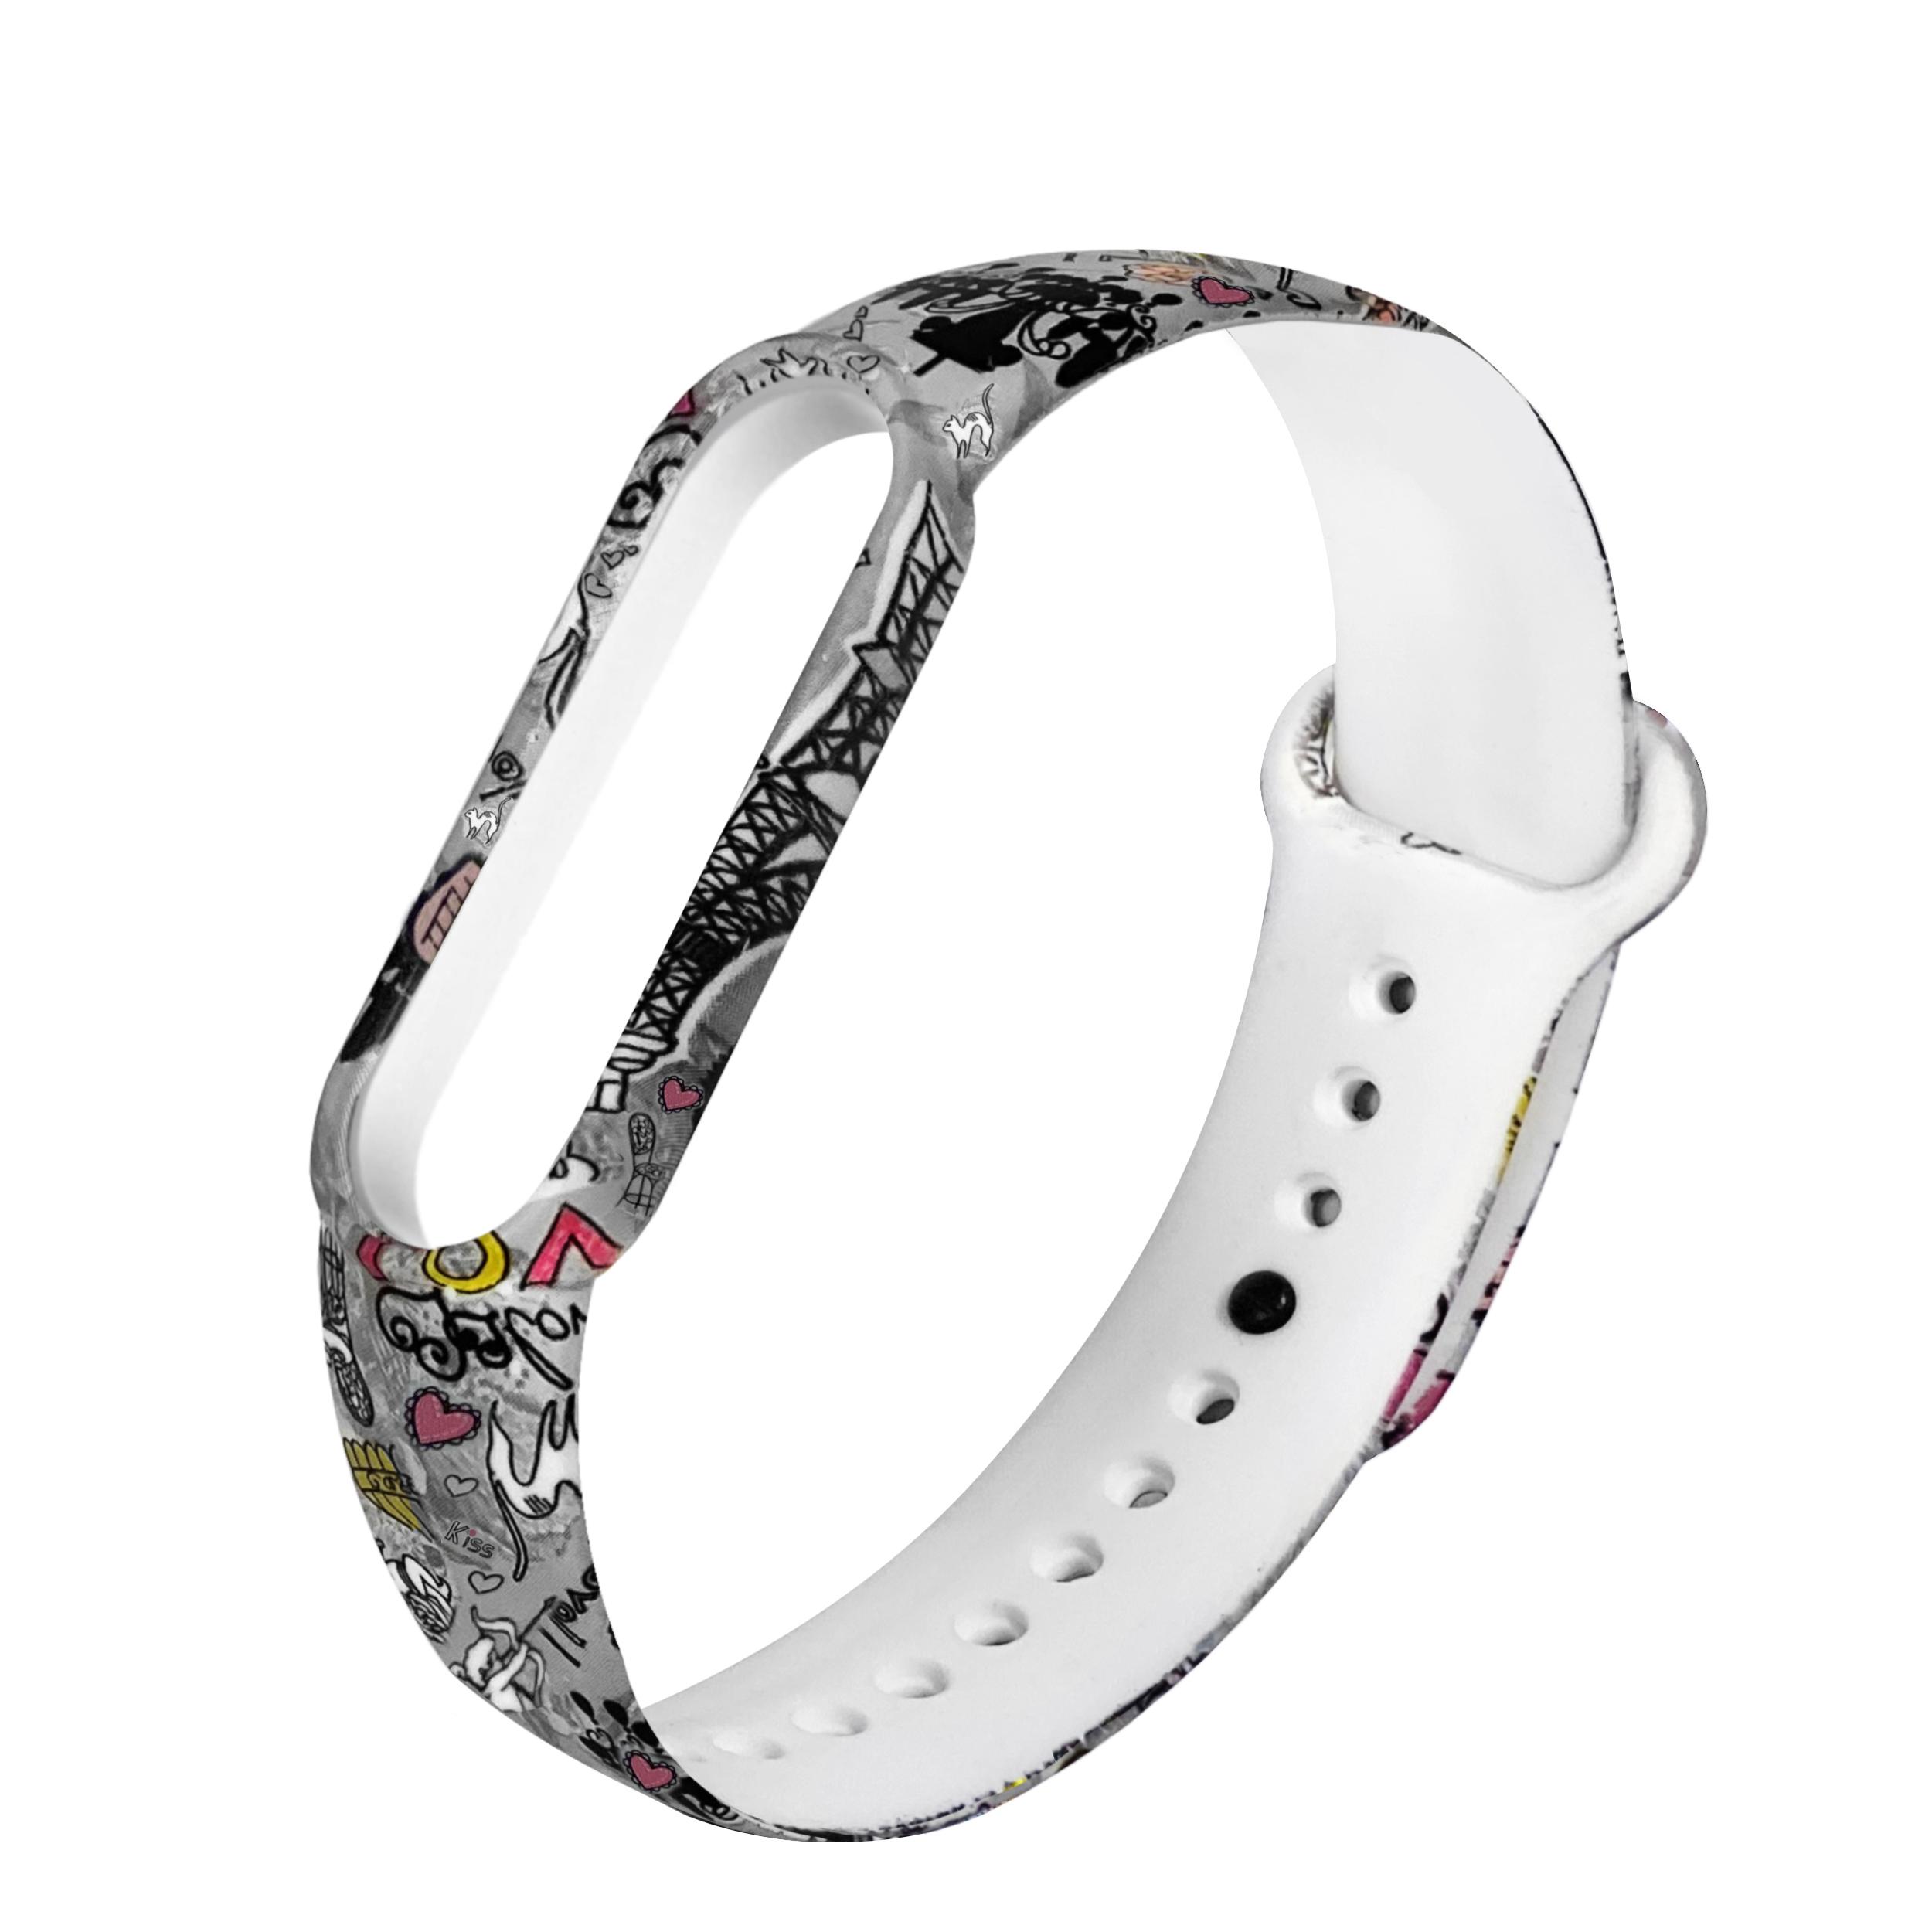 بند سومگ مدل SMG-Paris مناسب برای مچ بند هوشمند شیائومی mi band 5